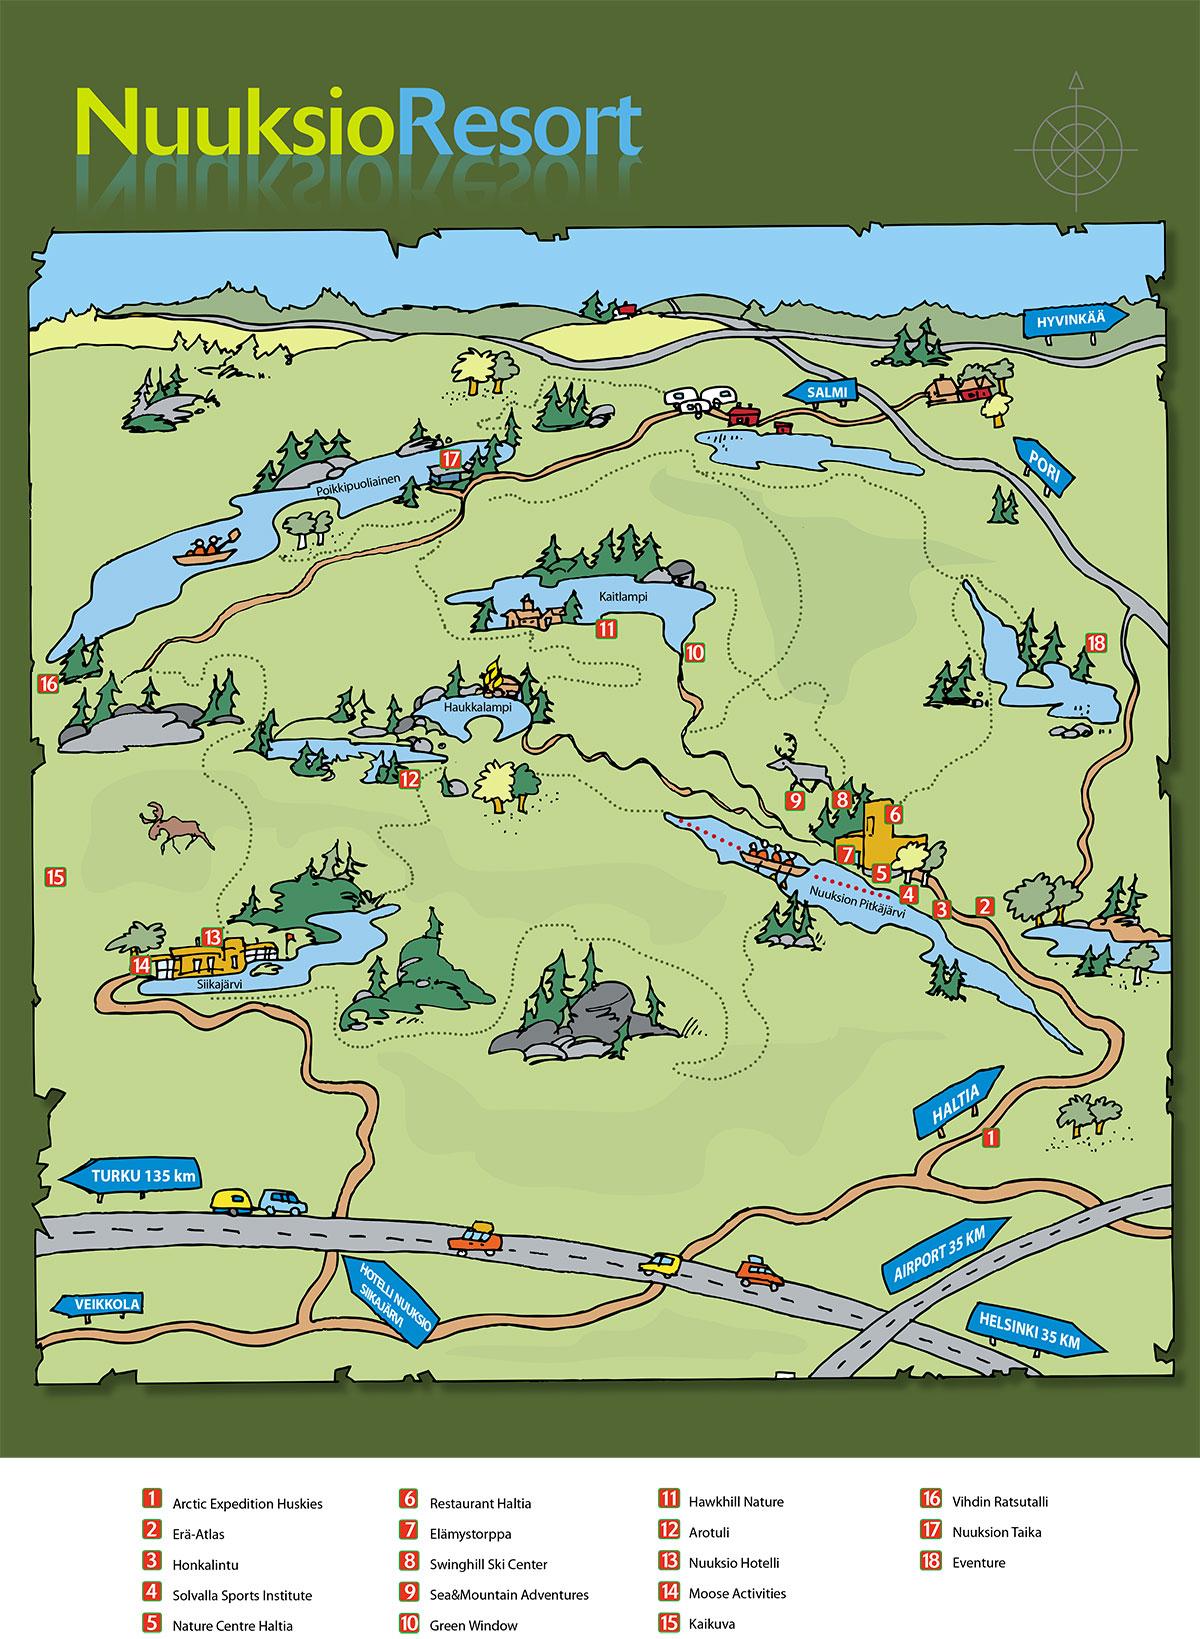 Linkit >> nuuksion-kartta-2017 - Nuuksio Resort